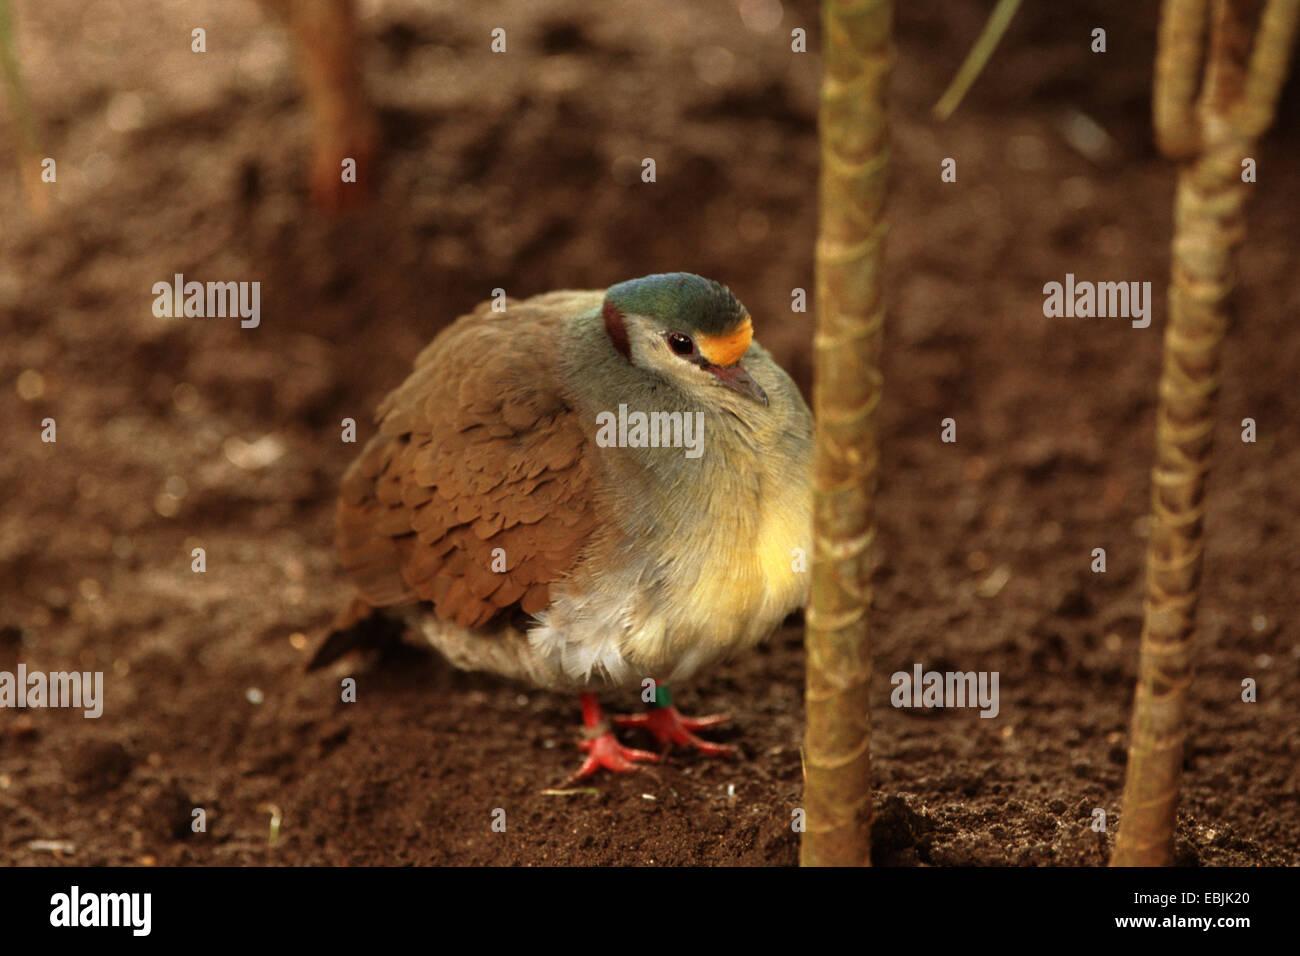 Sulawesi quail dove (Gallicolumba tristigmata), sitting on soil ground - Stock Image